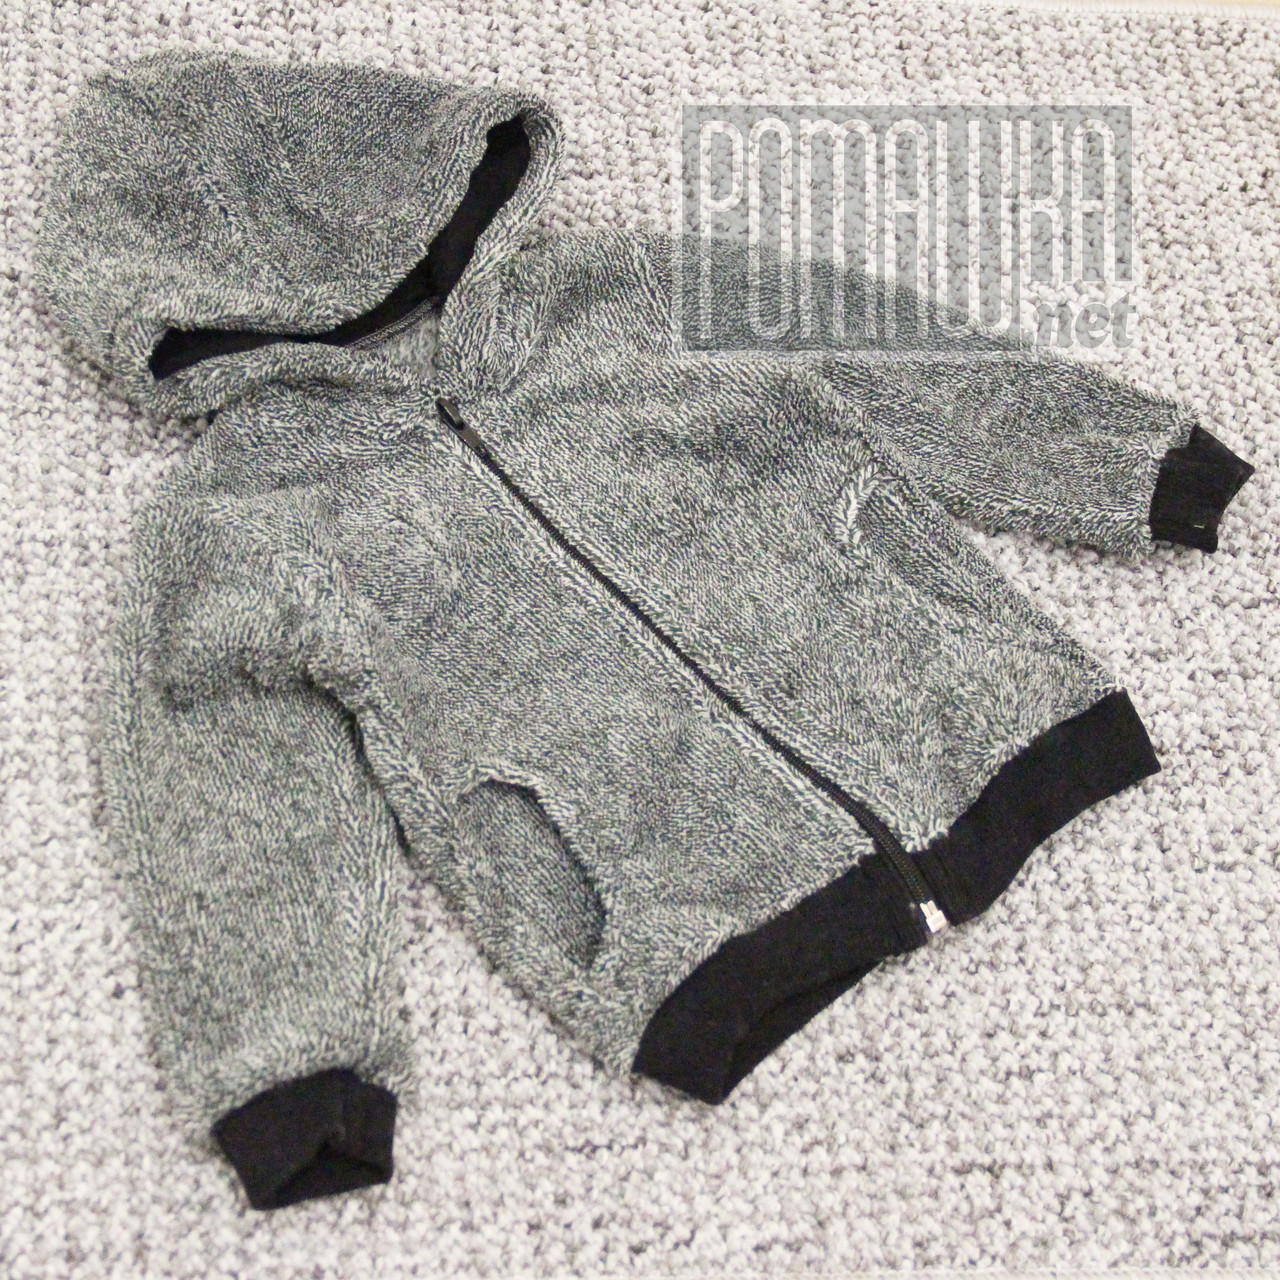 Детская махровая кофта для мальчика р. 80-86 8-12 месяцев на молнии ткань ВЕЛСОФТ 100% хлопок 3952 Серый 80